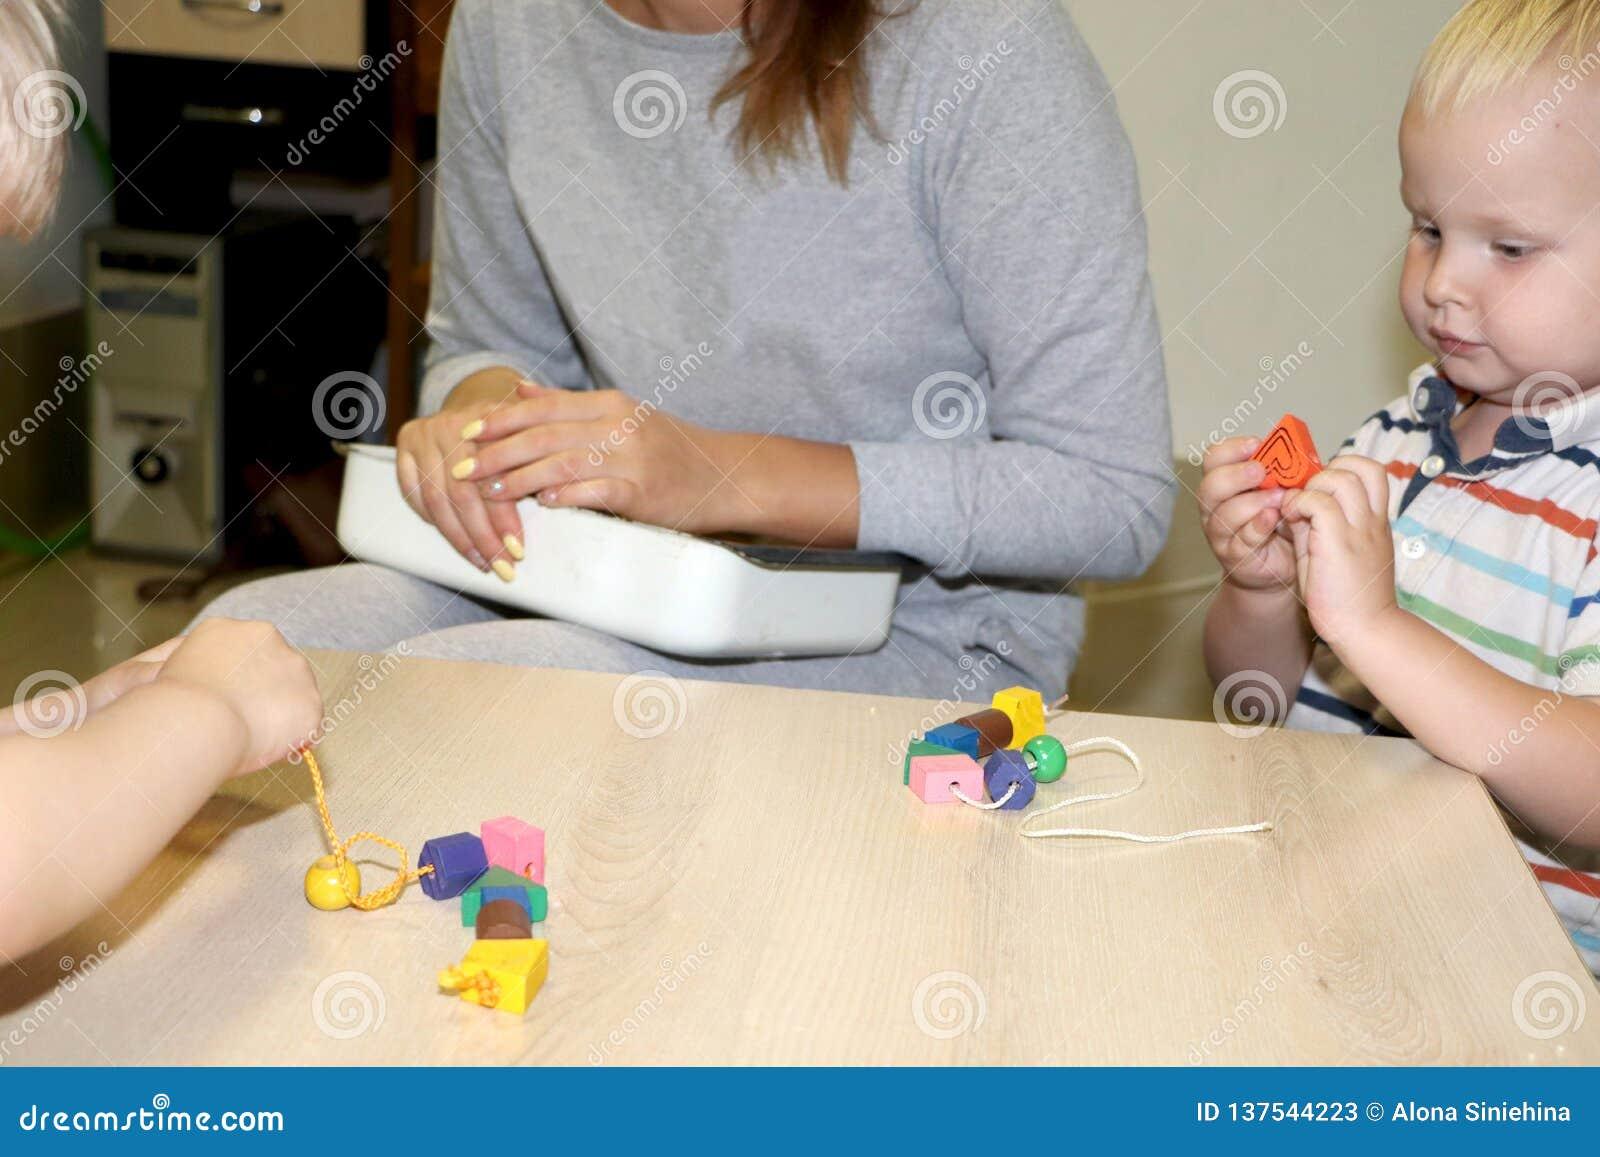 Utbildaren handlar med barnet i dagiset Kreativitet och utveckling av barnet